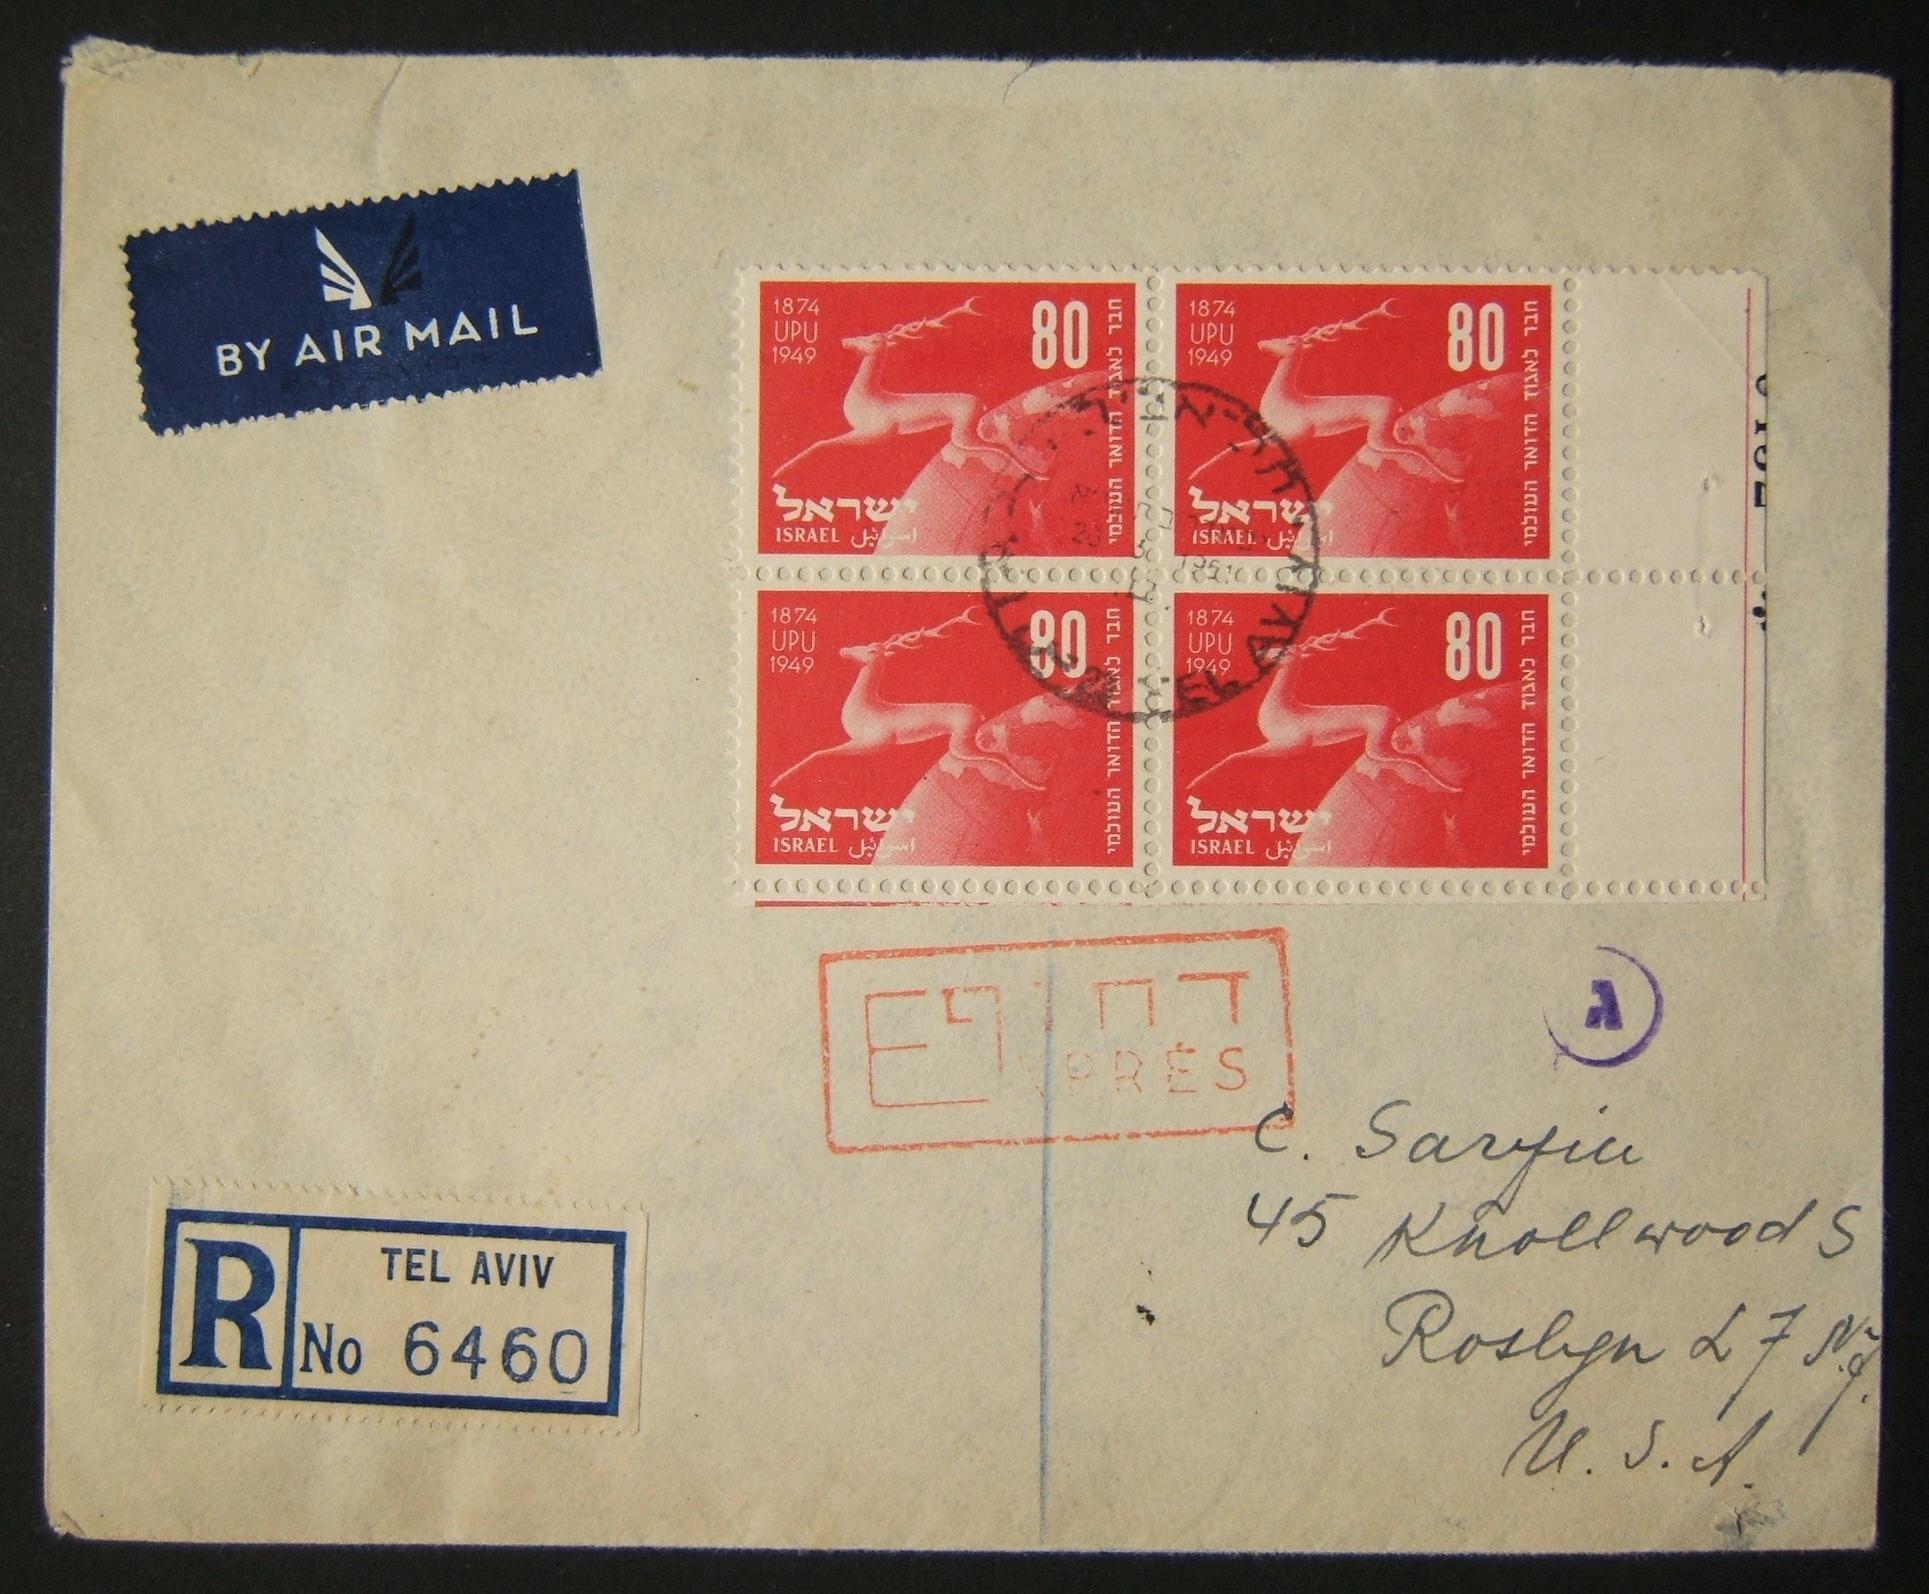 3/1951 أعرب عن وزن إضافي للبريد الجوي إلى الولايات المتحدة مع جزء كتيب من طوابع UPU 80pr